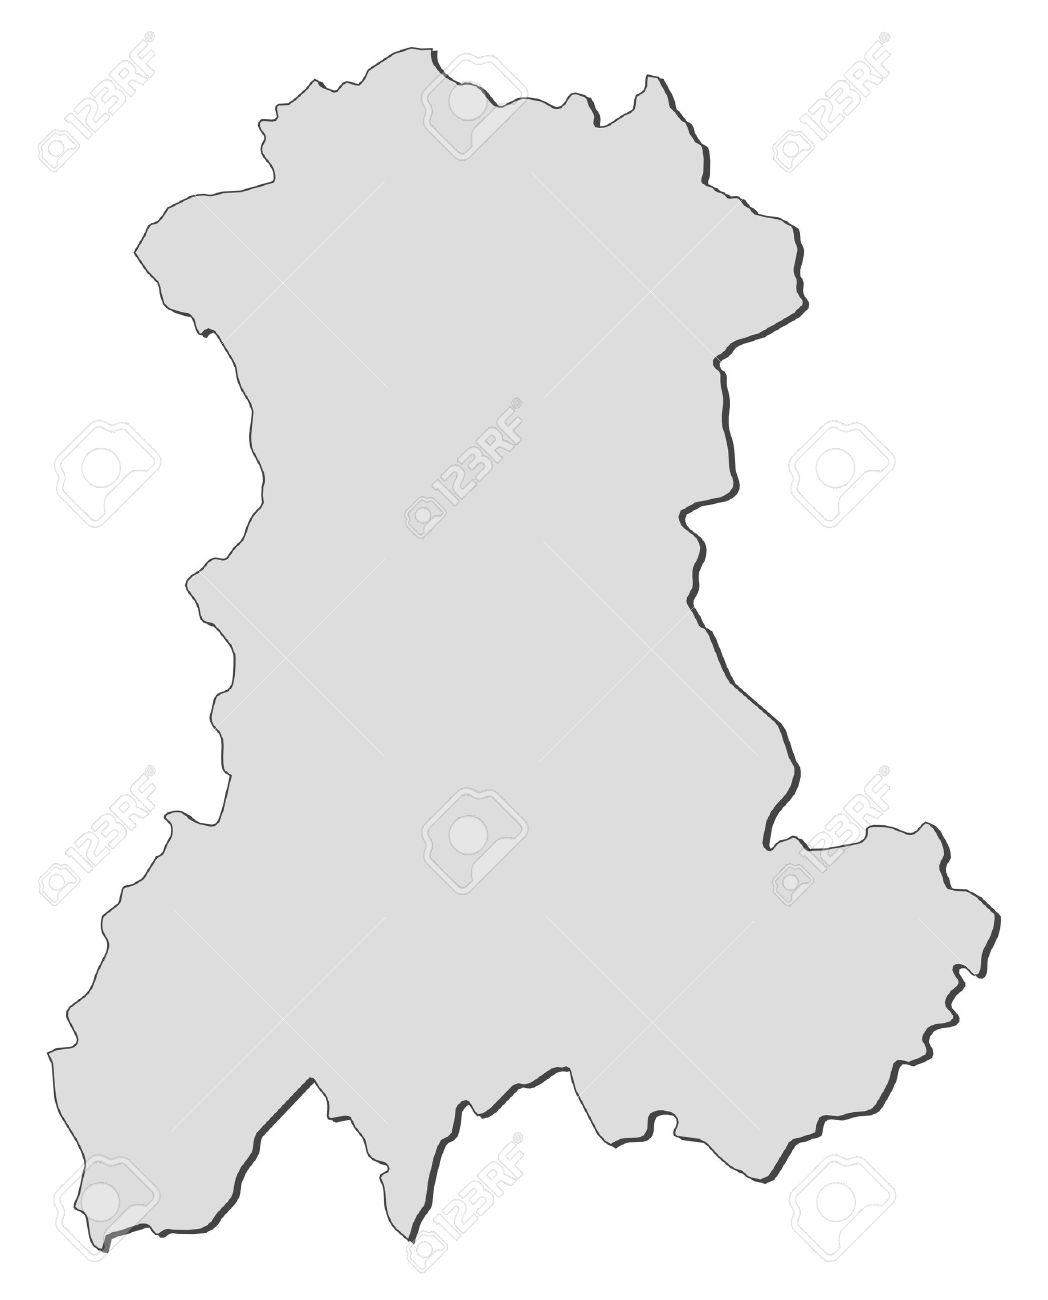 Auvergne clipart #10